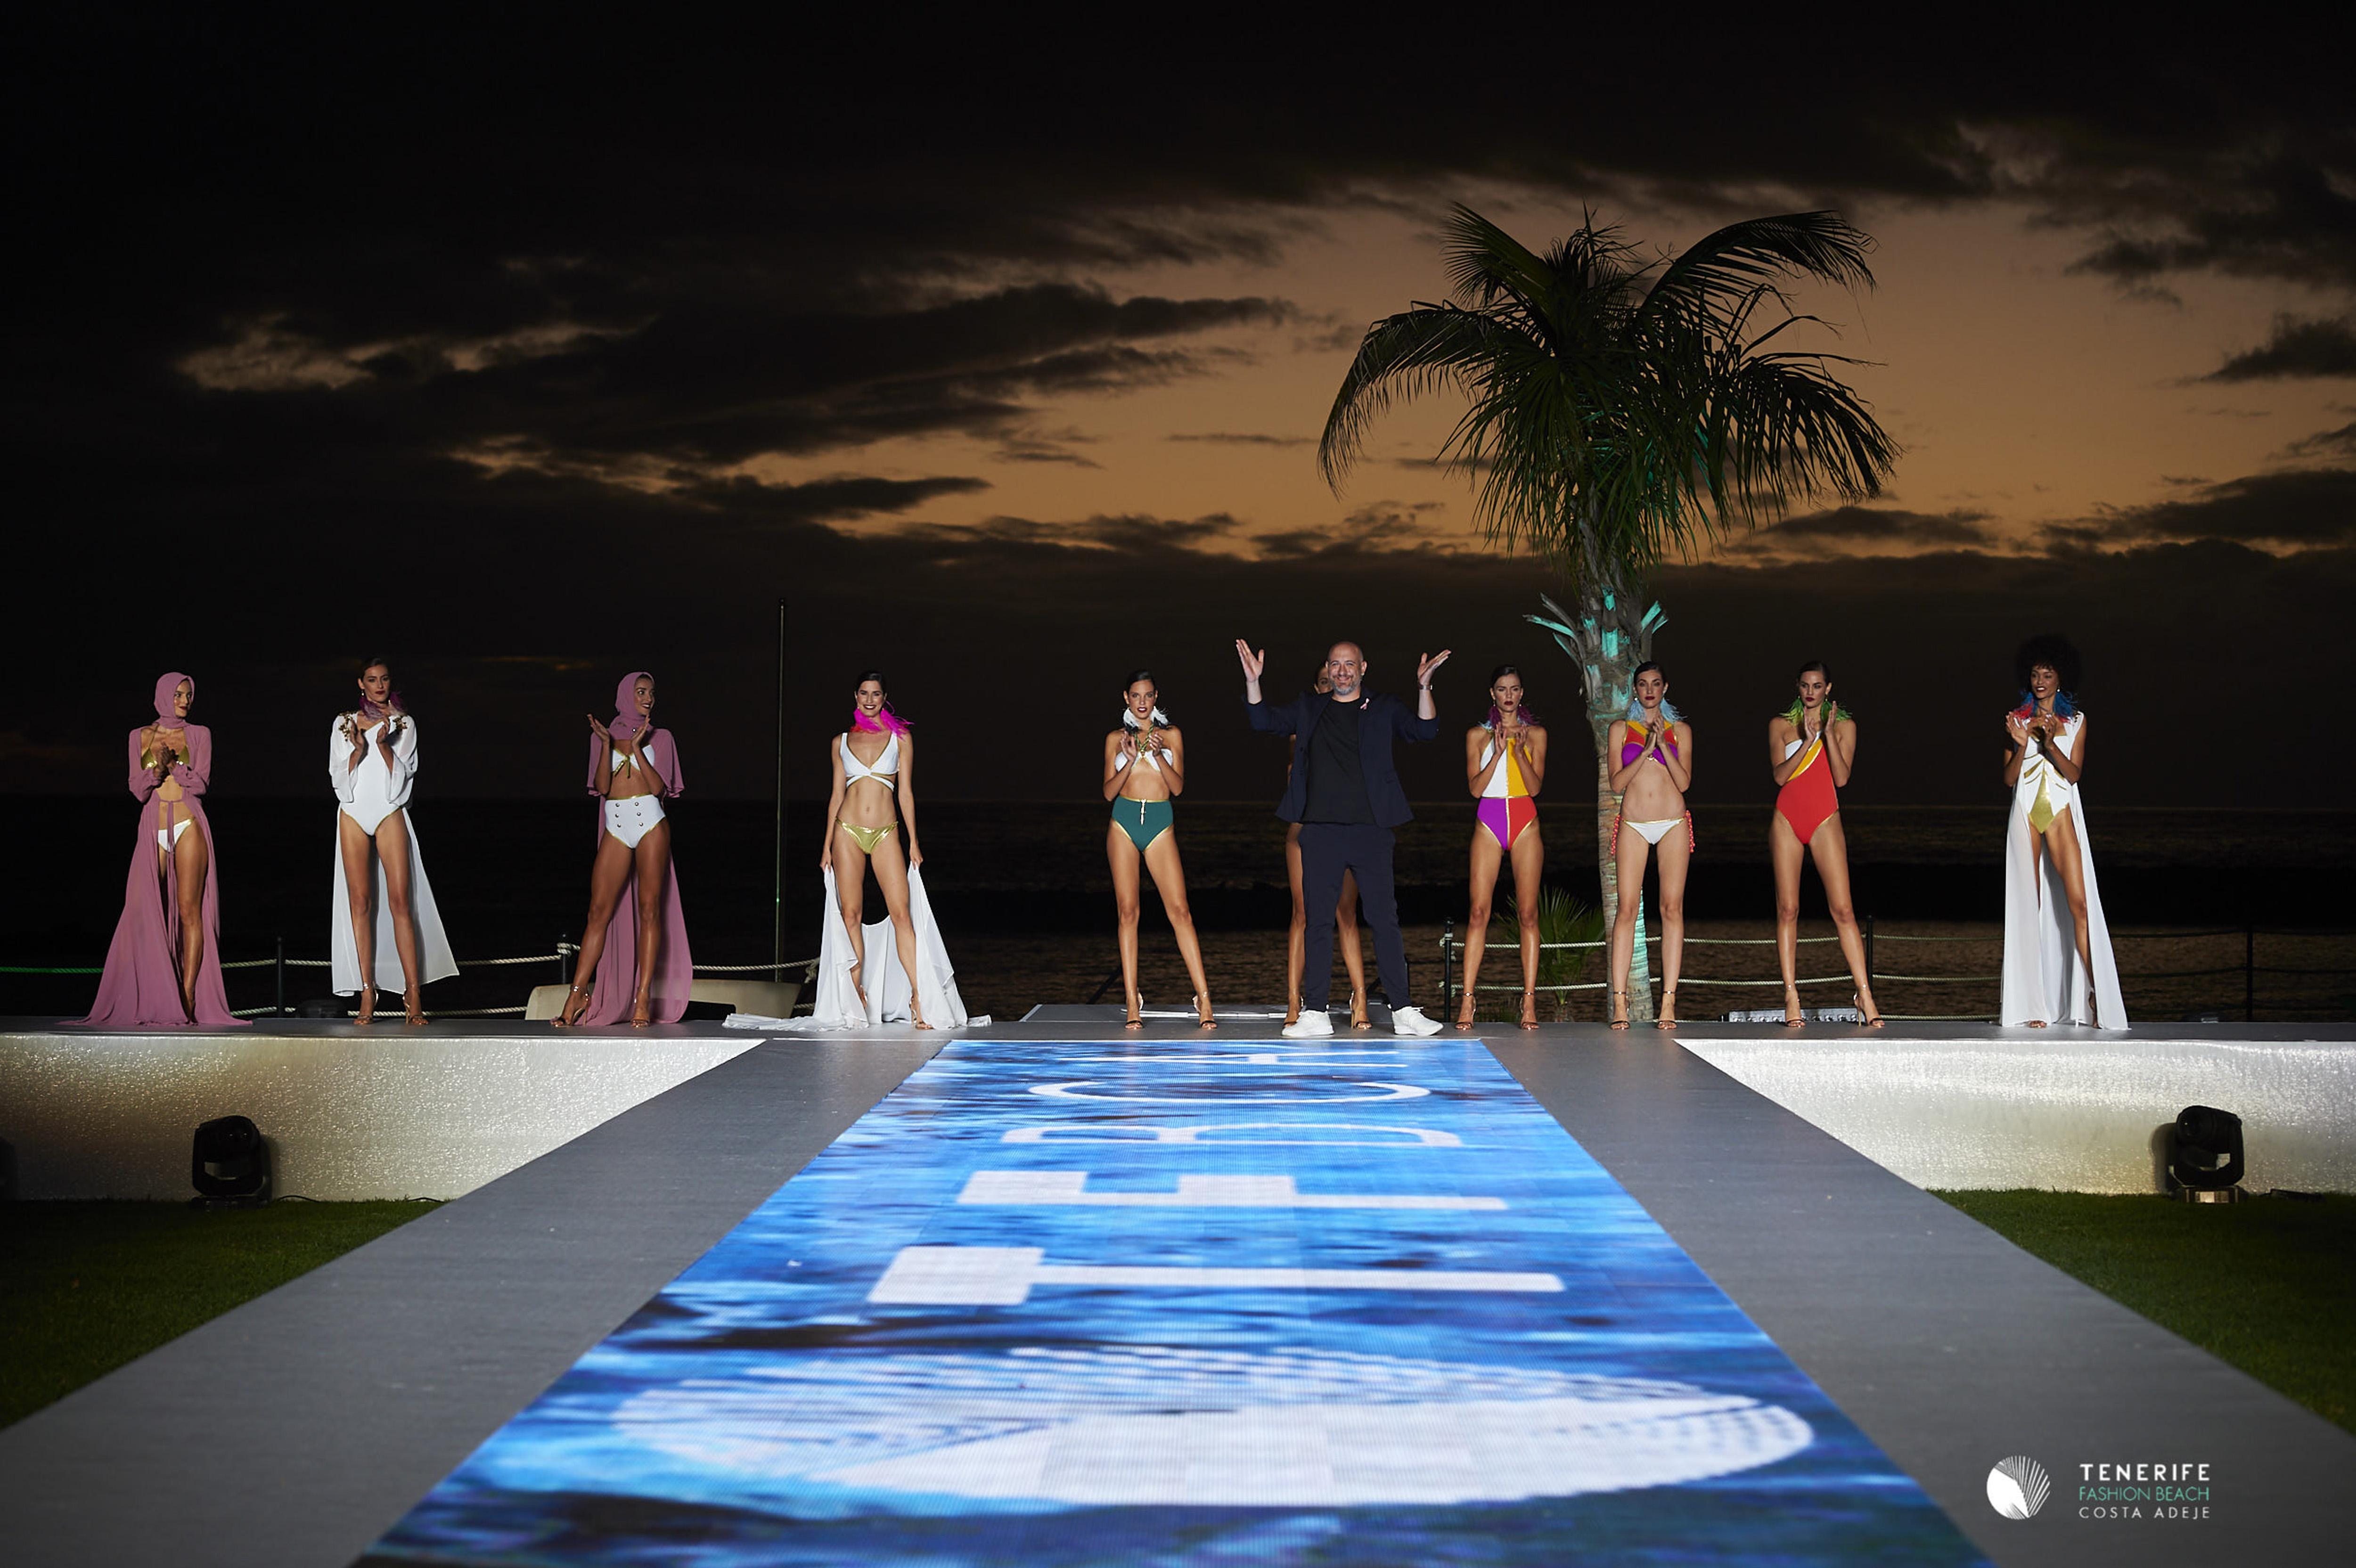 Tenerife Fashion Beach Costa Adeje se consolida en esta segunda edición como pasarela referente en moda baño combinando el binomio'moda y clima'